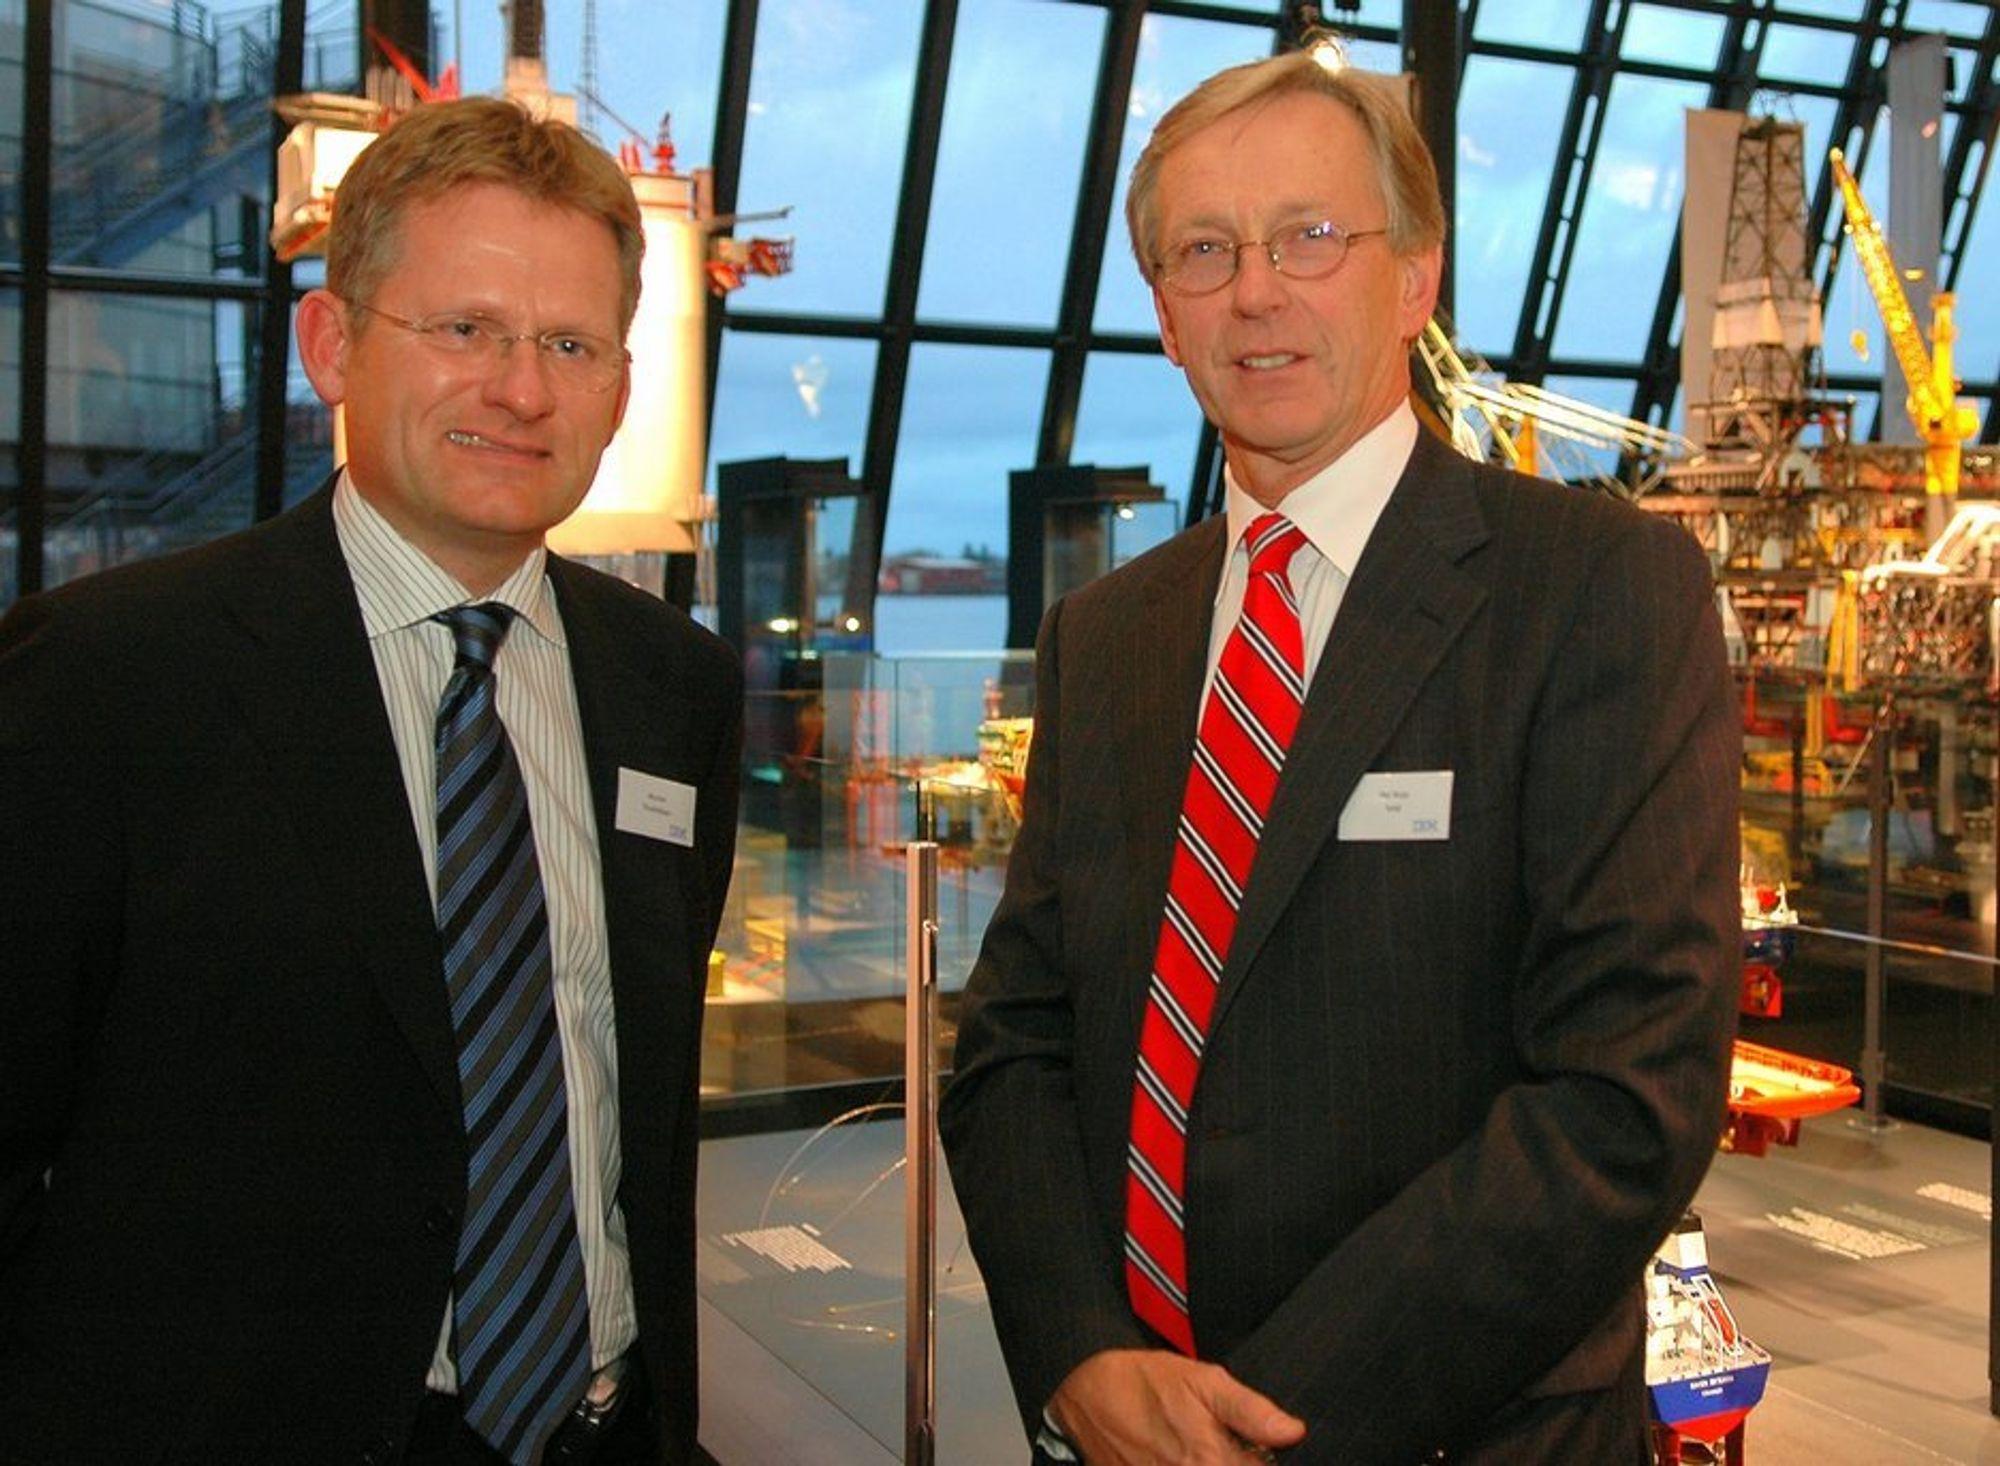 GLEDER SEG: Morten Thorkildsen i IBM Norge gleder seg over at IBM sentralt satser på å utvikle nye systemer  for olje og gassindustrien i Norge. - Det er fantastisk, sier Per Terje Vold i OLF.